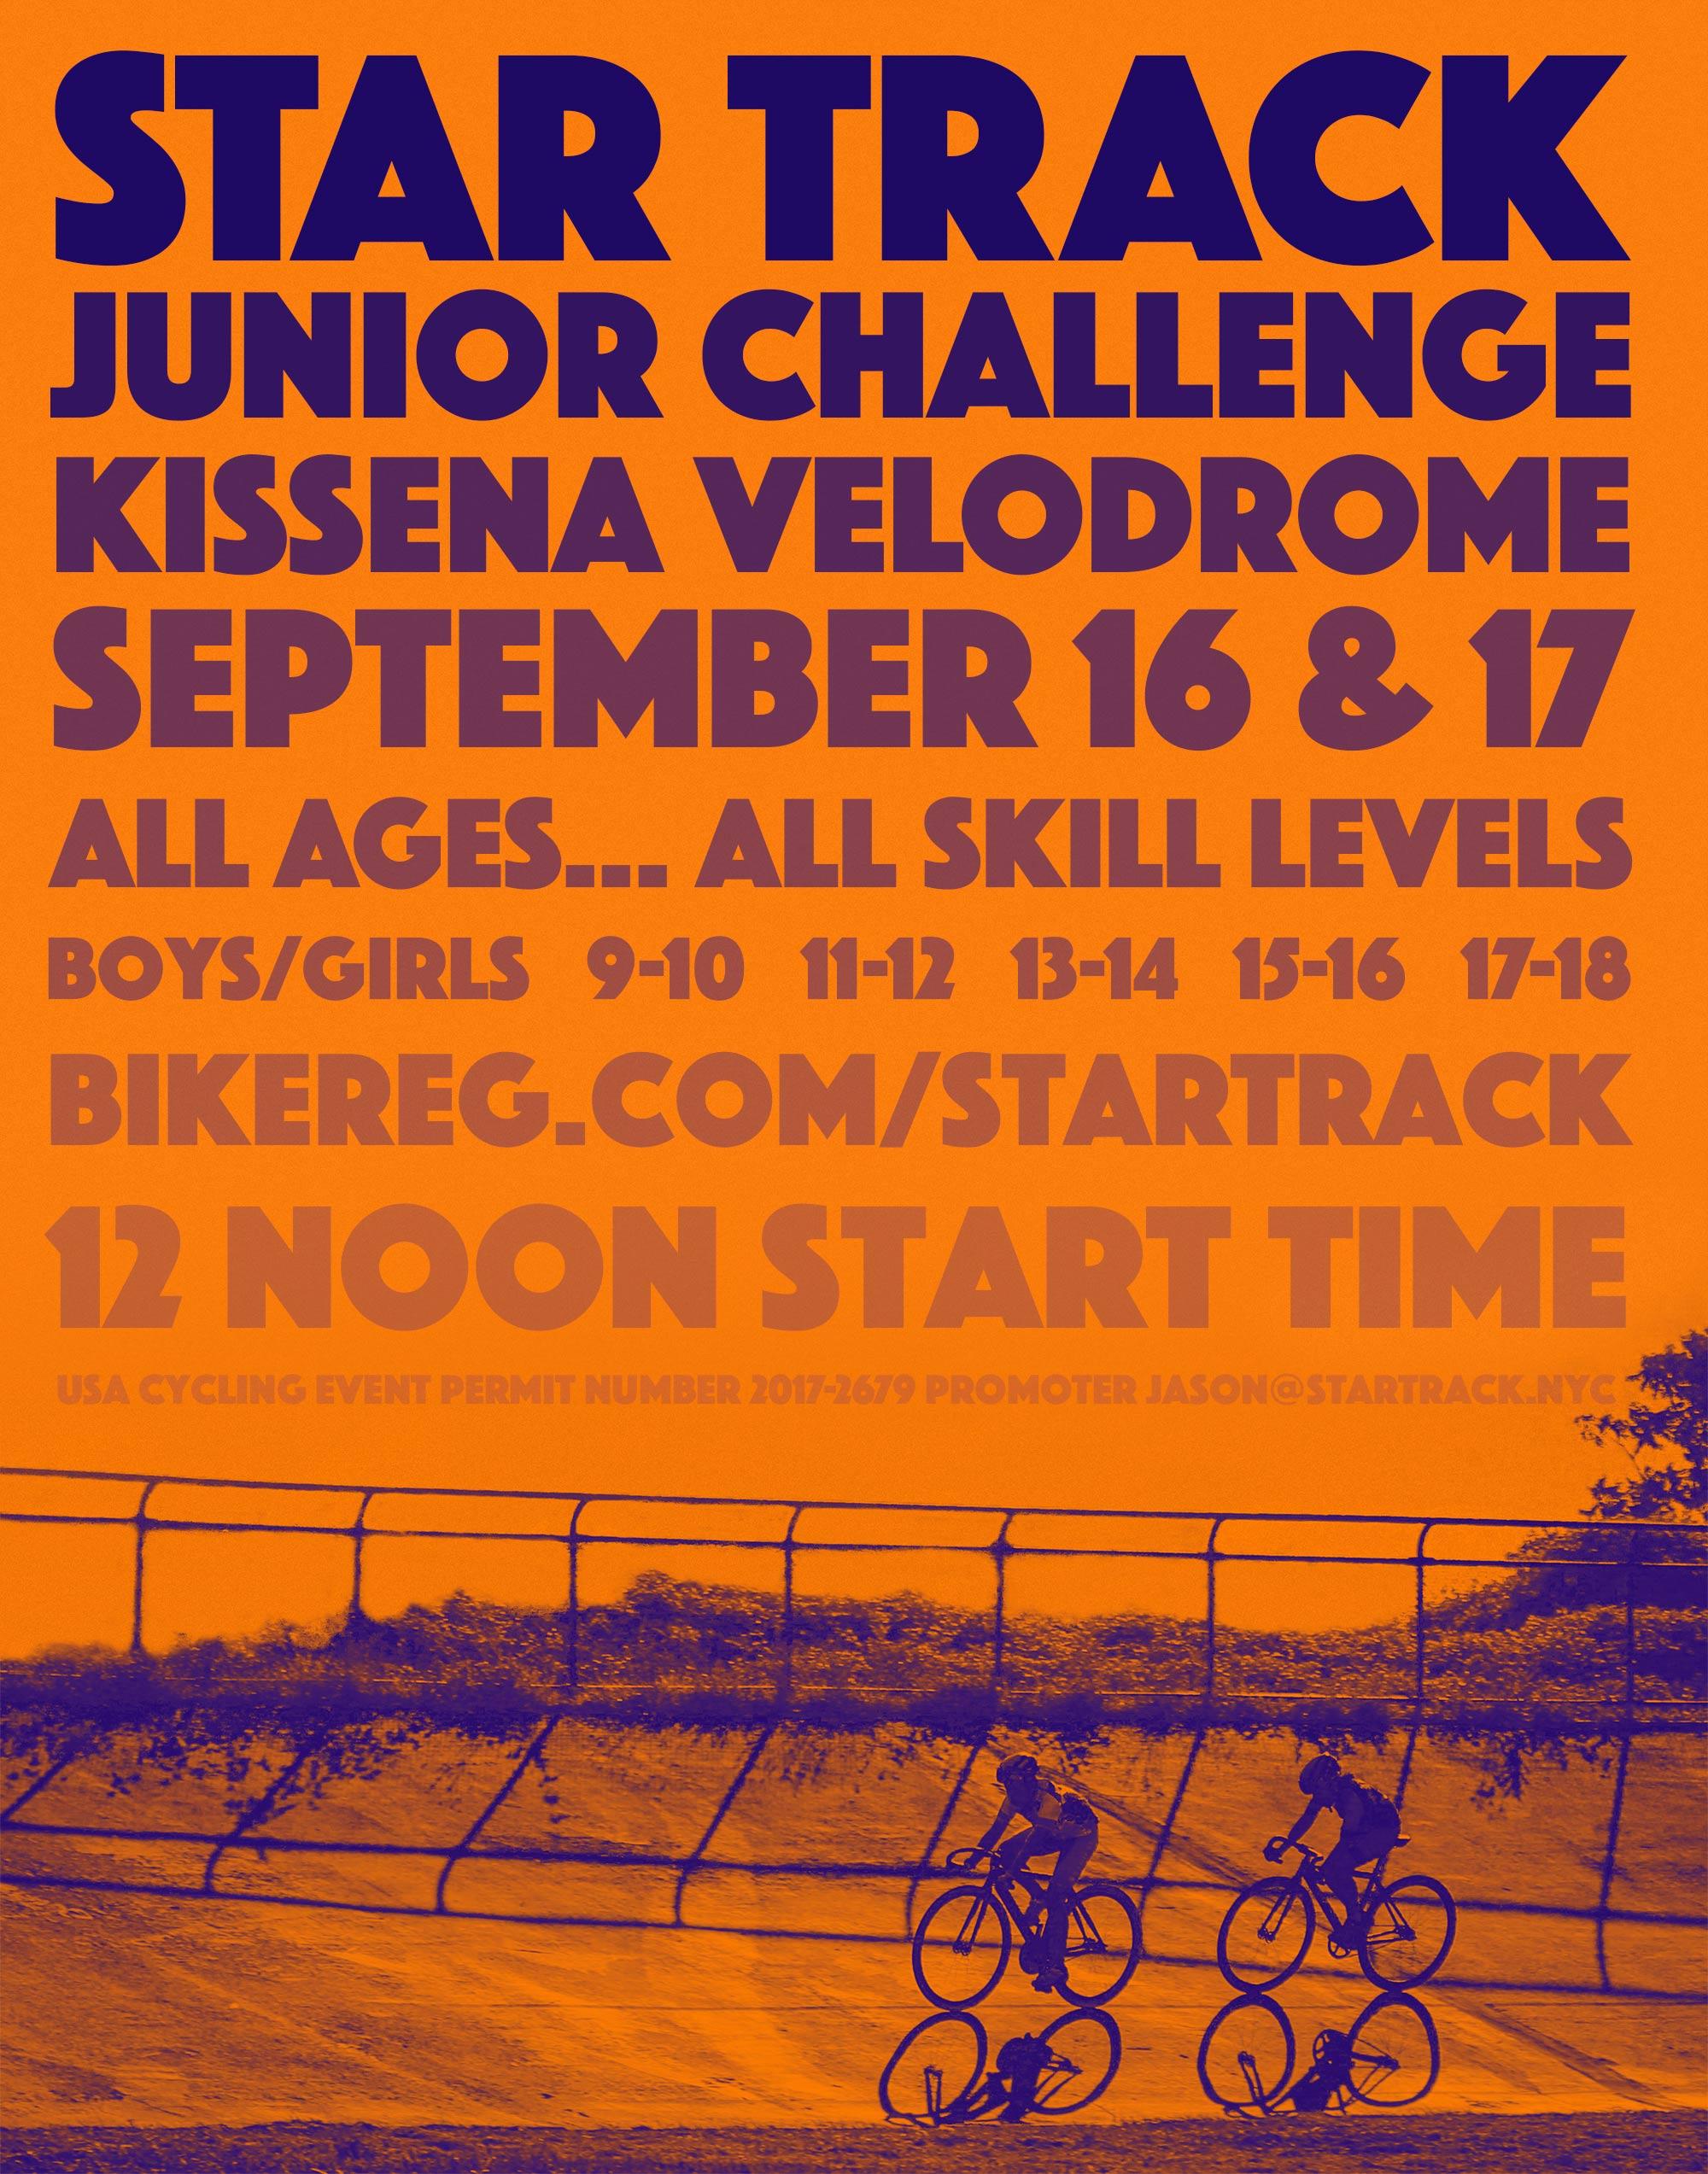 ST-Junior-Challenge final.jpg